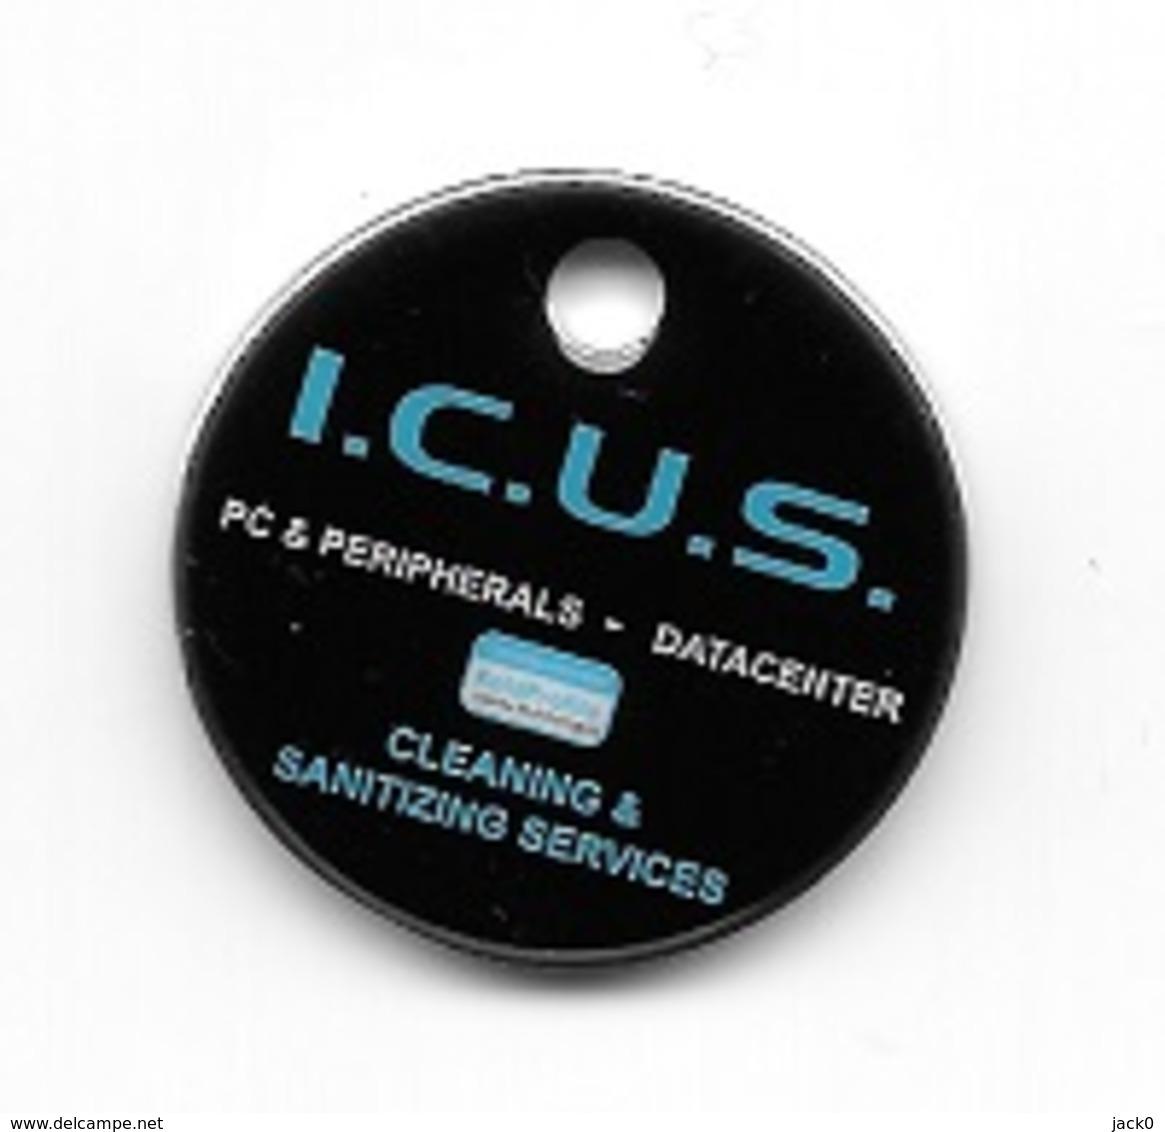 Jeton De Caddie  I.C.U.S.  PC & PERIPHERALS - DATACENTER, CLEANING & SANITIZING  SERVICES  Voir - Jetons De Caddies